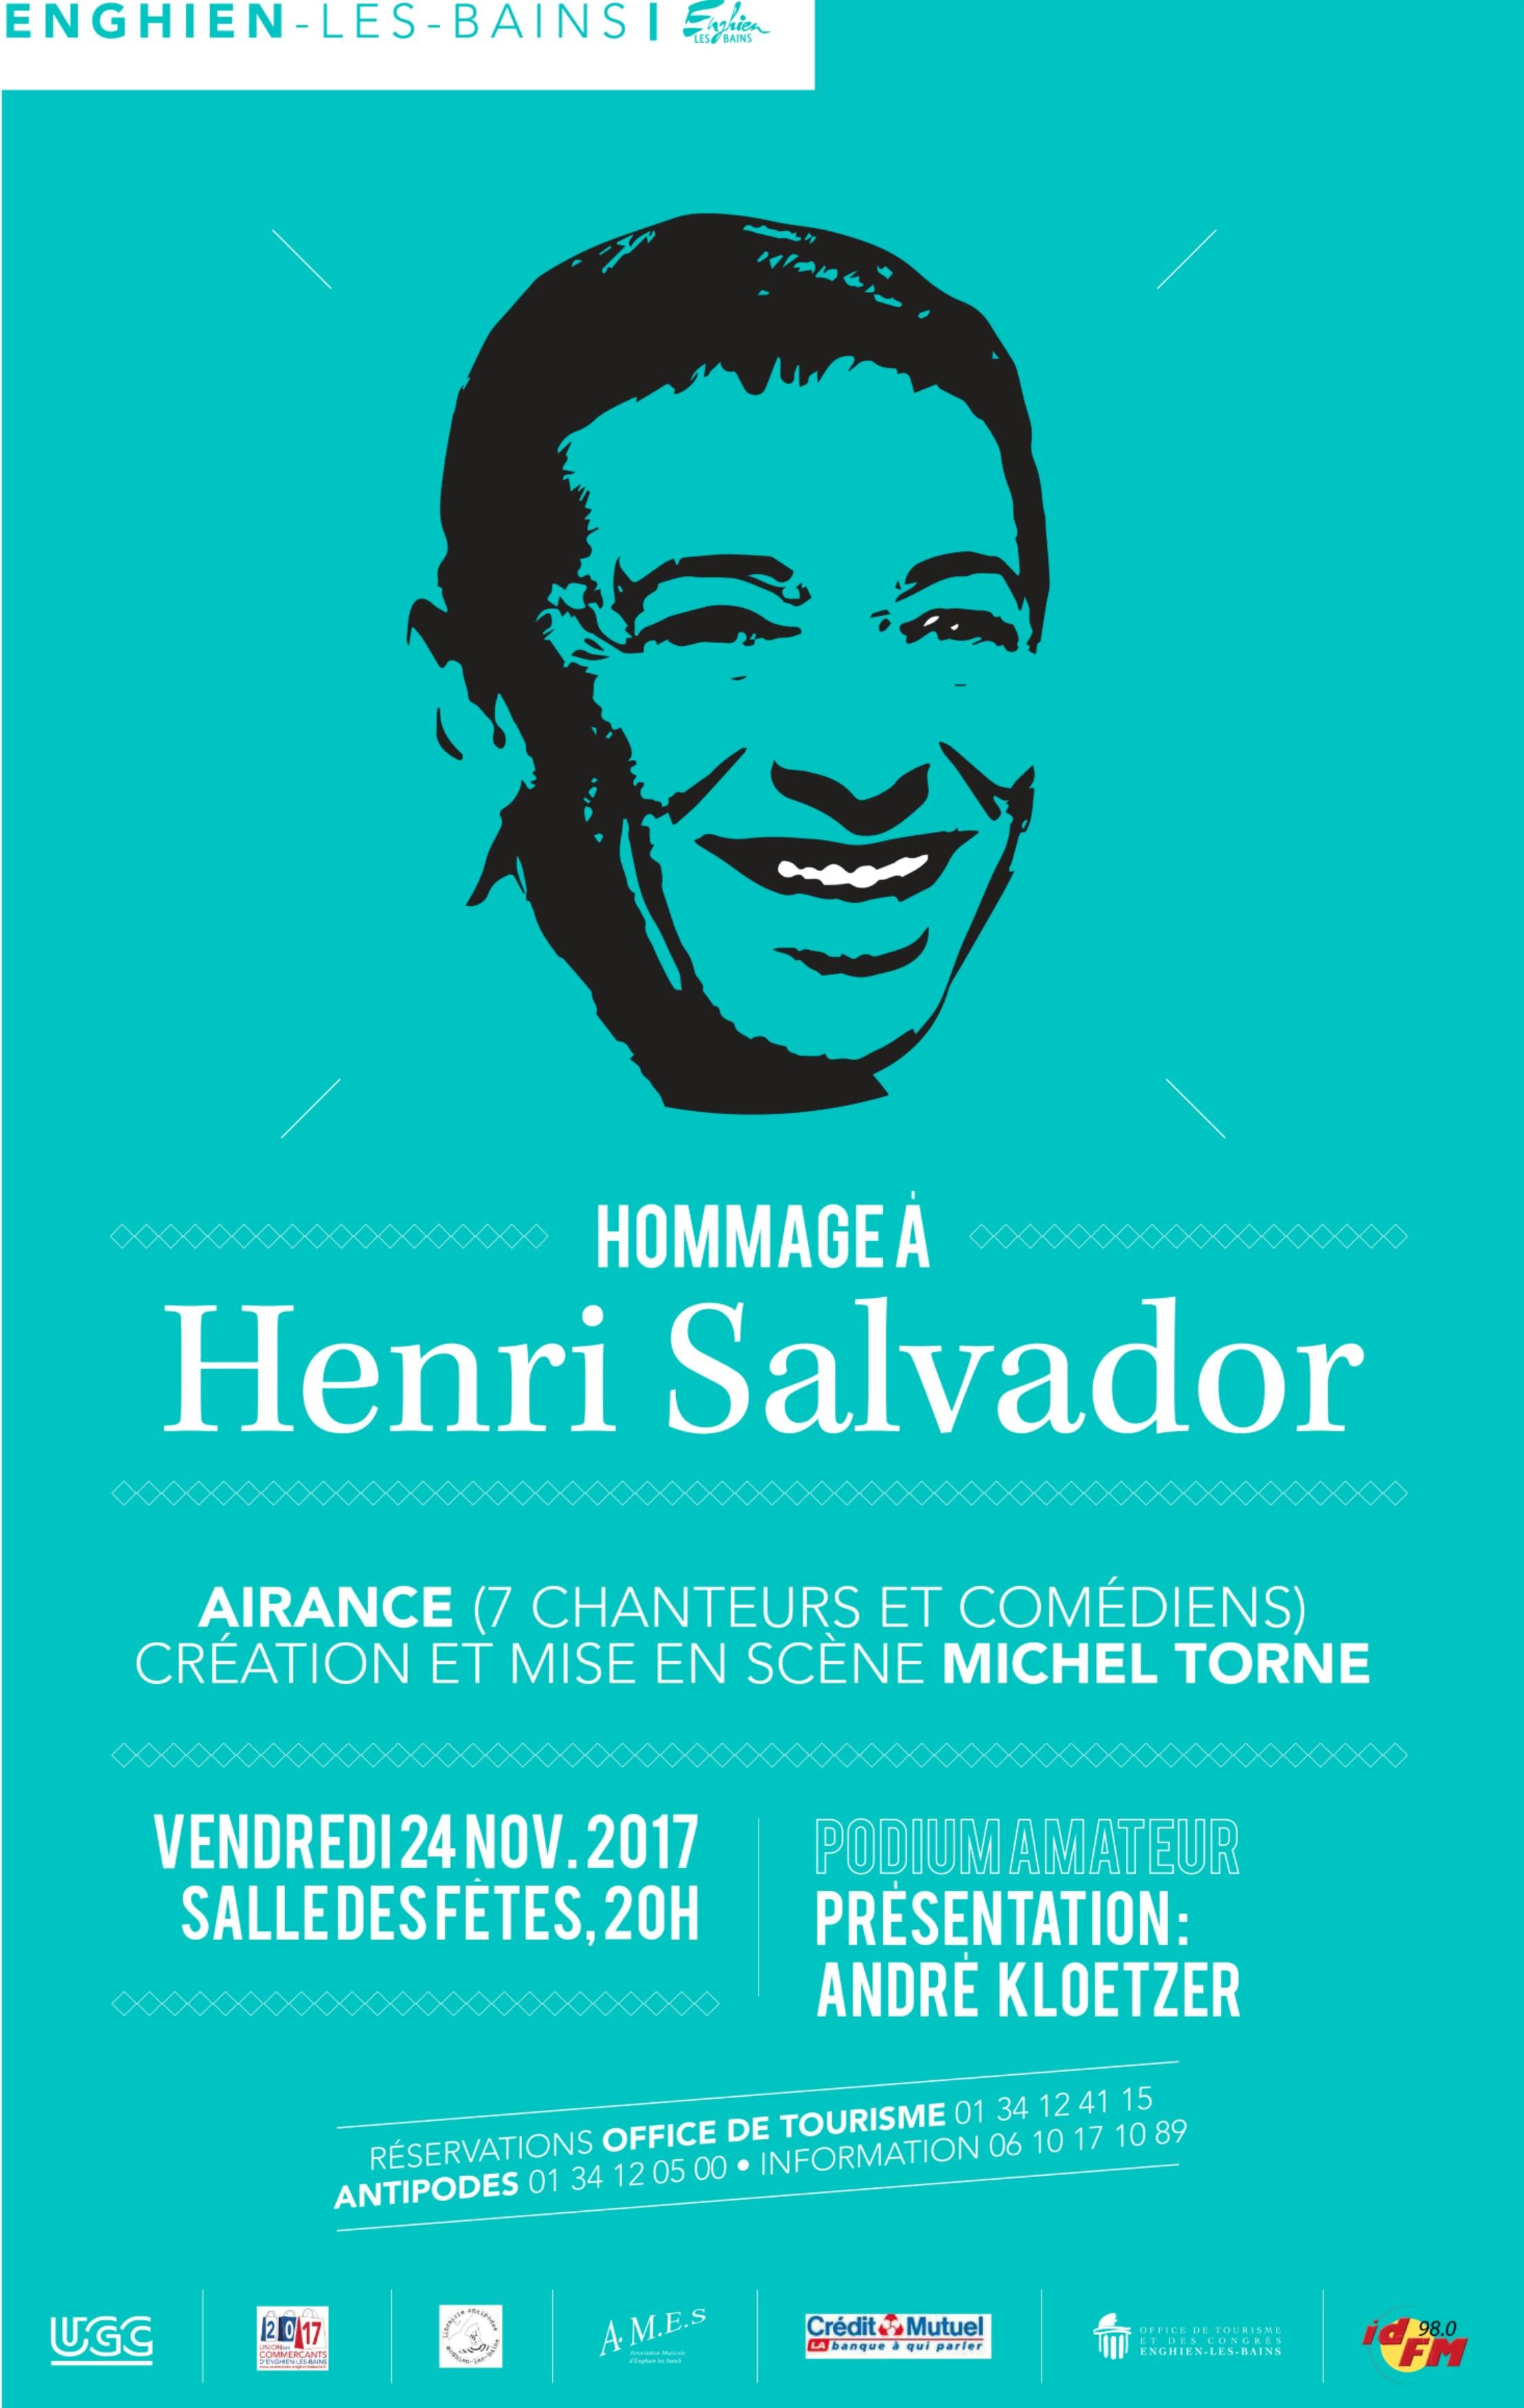 Hommage à Henri Salvador